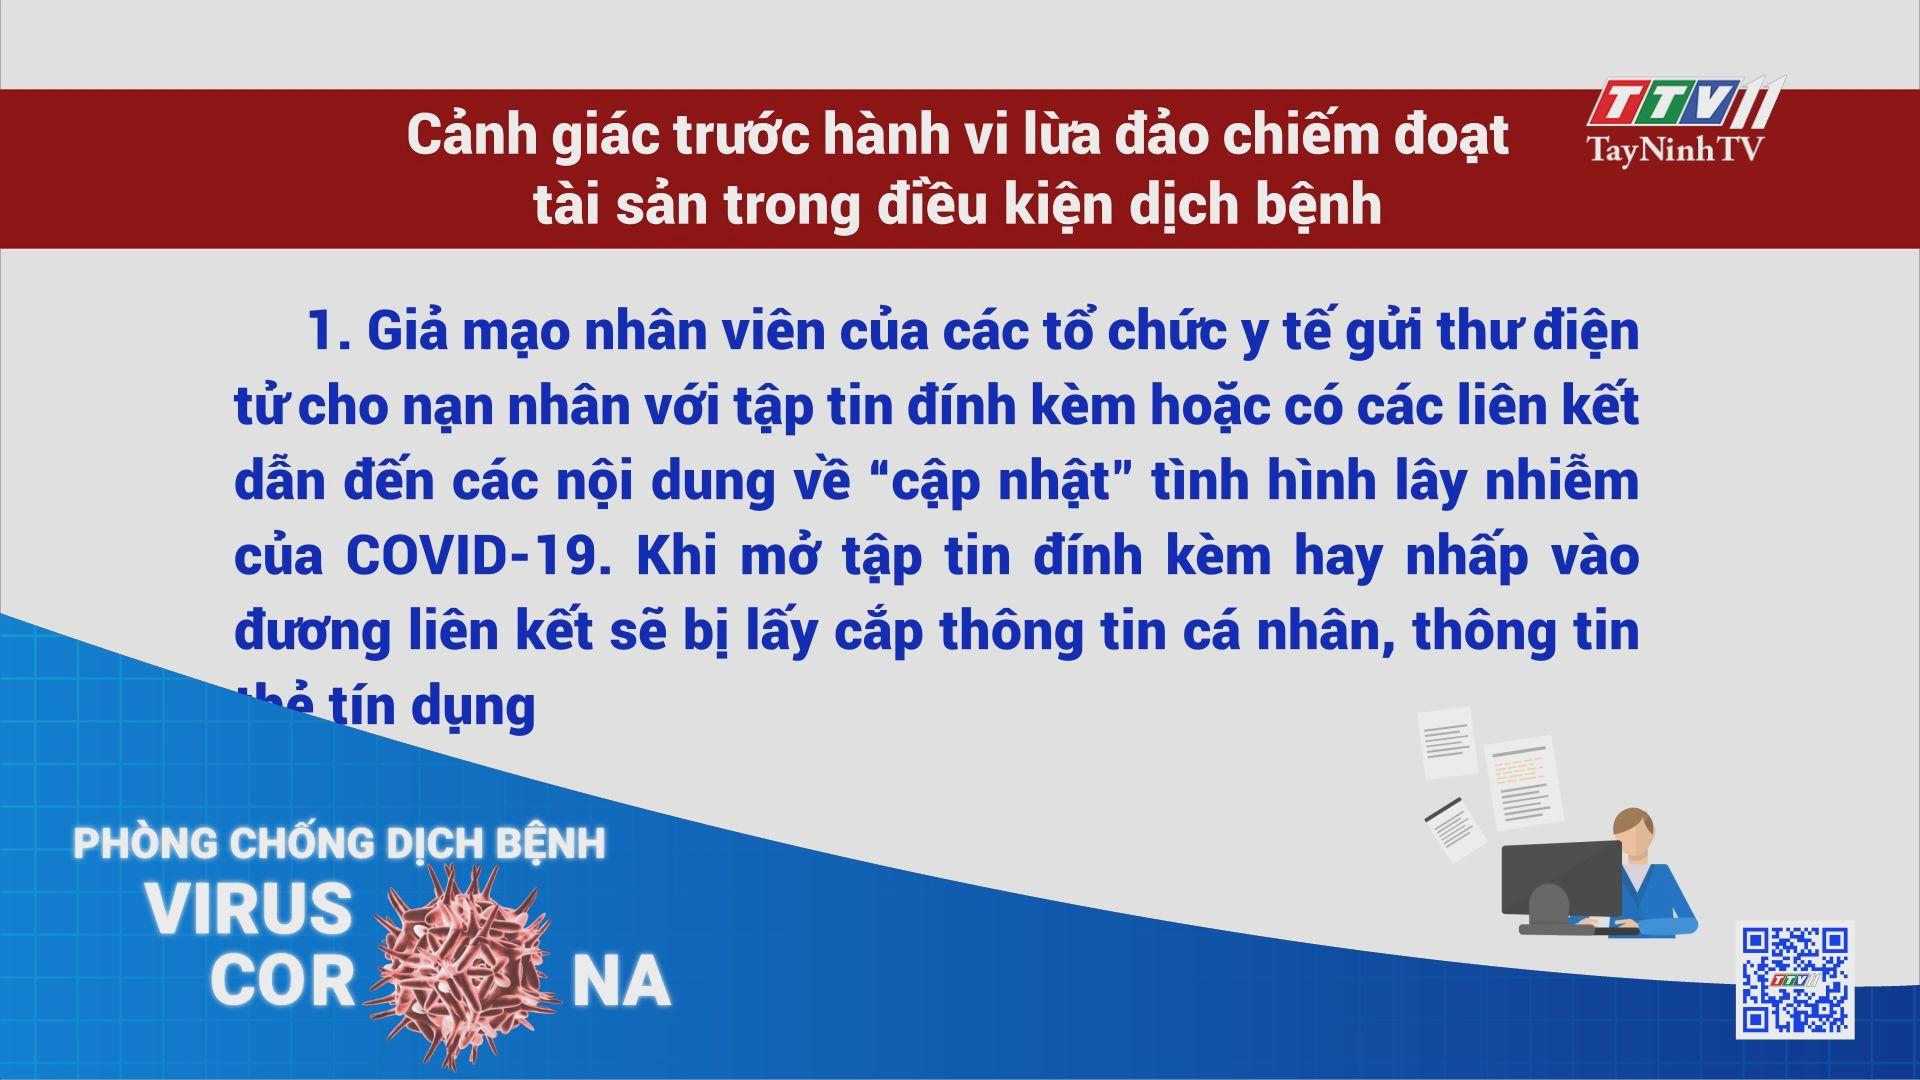 Cảnh giác trước hành vi lừa đảo chiếm đoạt tài sản trong điều kiện dịch bệnh | THÔNG TIN DỊCH COVID-19 | TayNinhTV